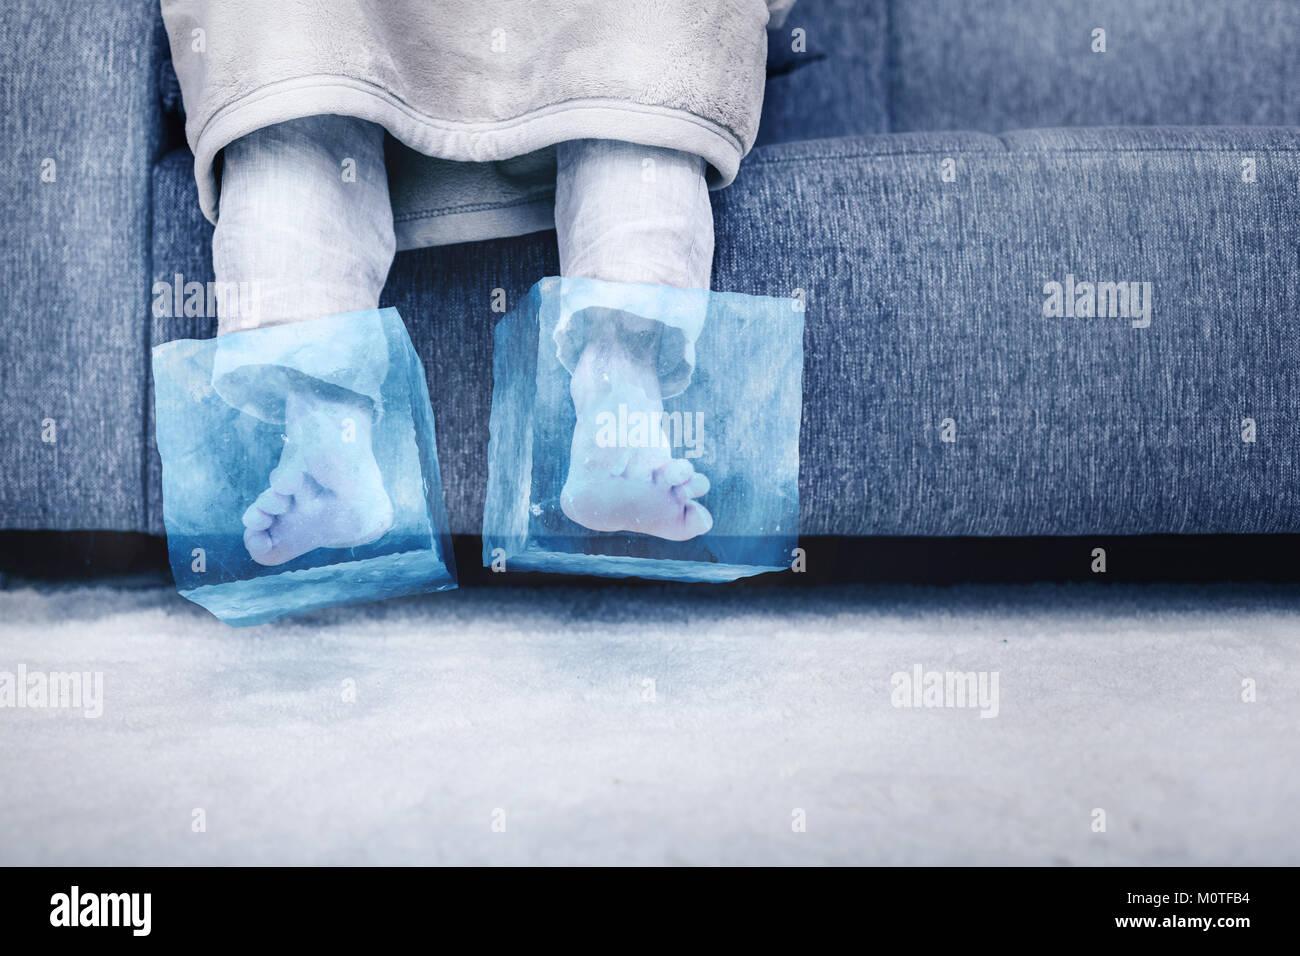 Eis kalte Füße Stockfoto, Bild 172642600  Alamy